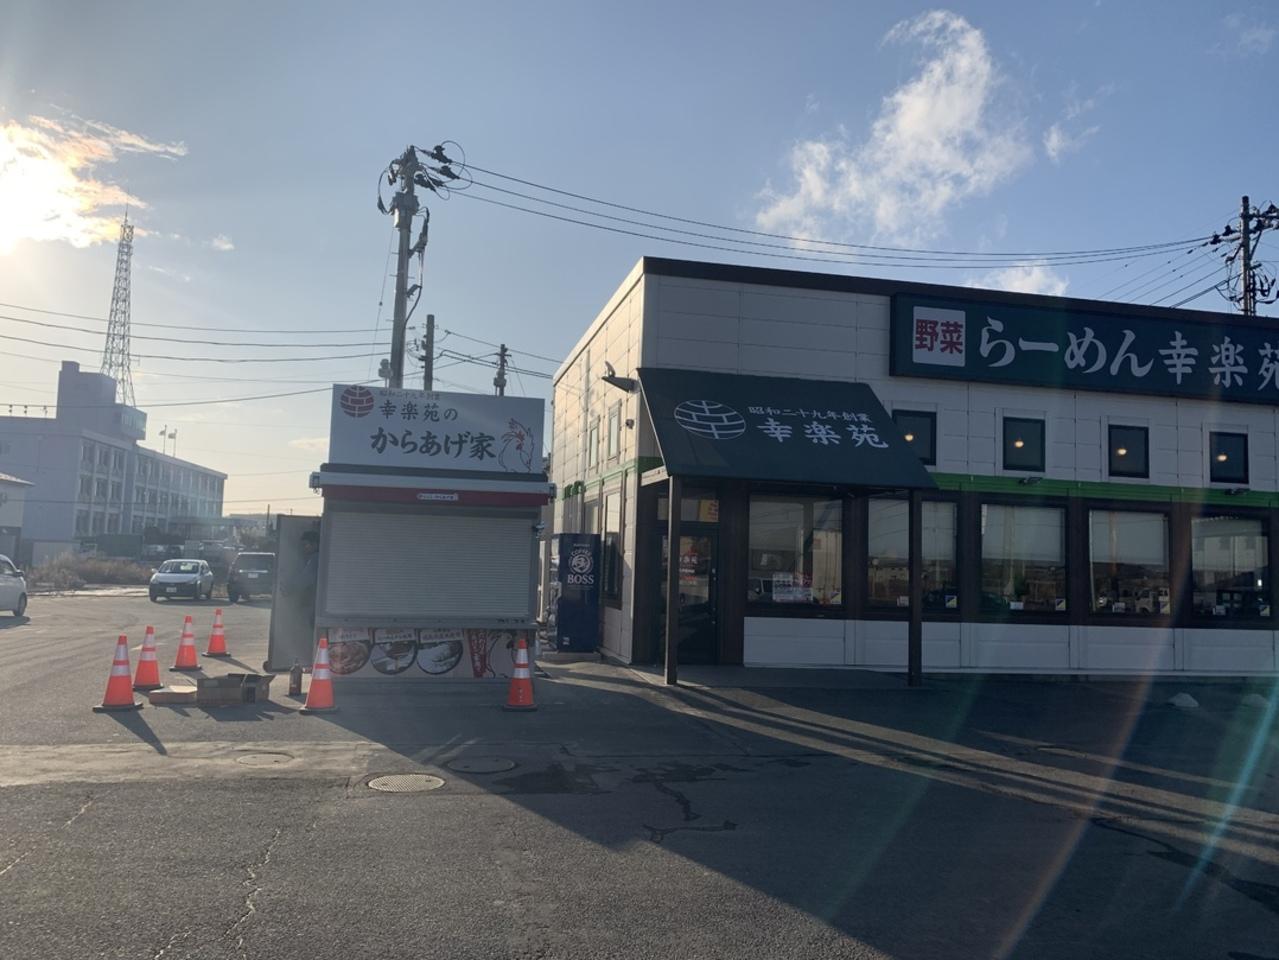 近日中オープン予定! 北東北初出店! 八戸市尻内 『幸楽苑のからあげ家』